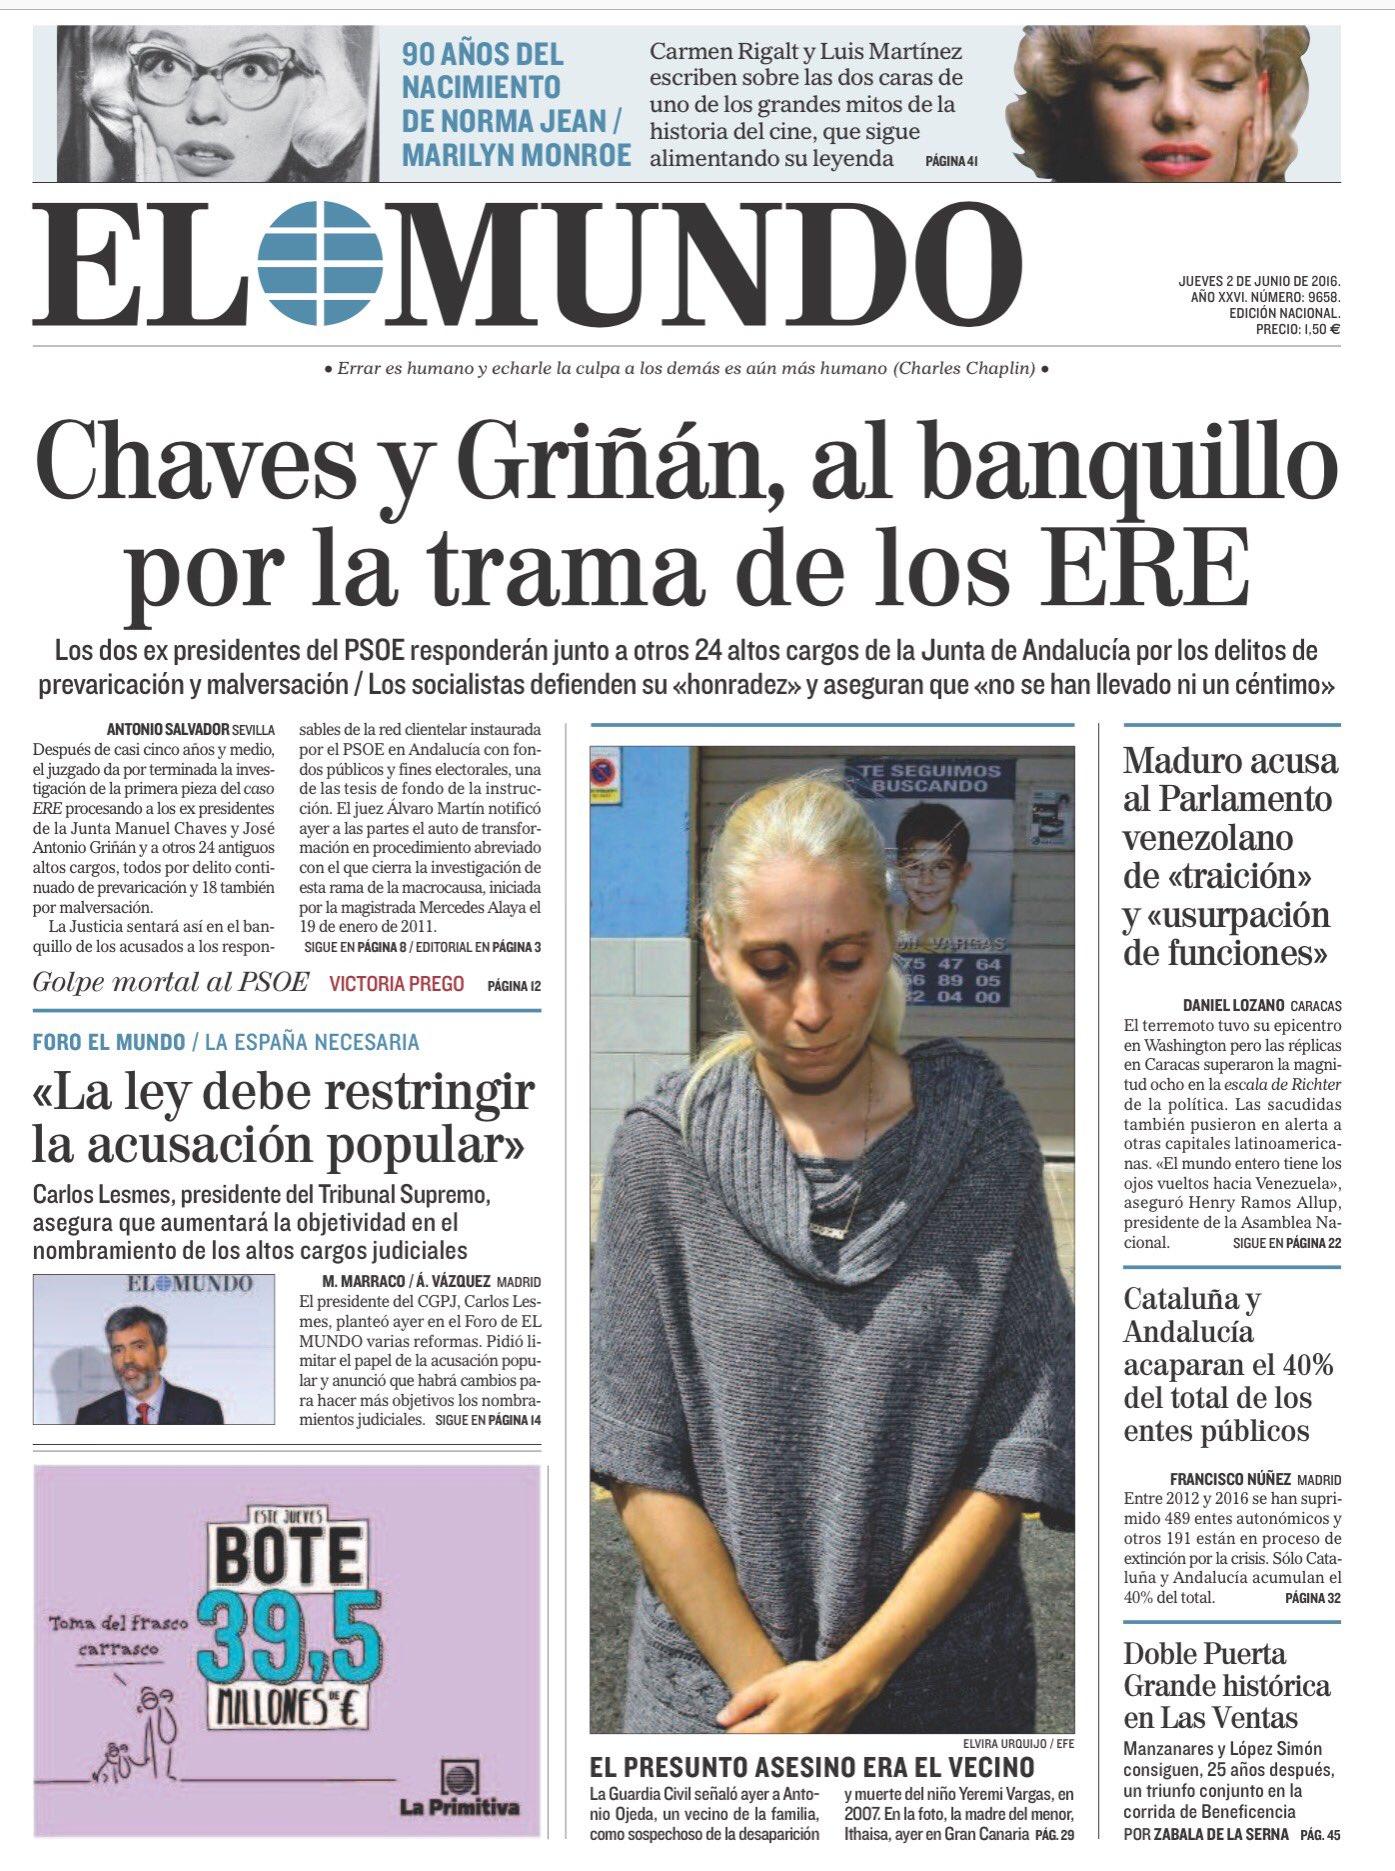 #LaPortada del jueves 2 de junio https://t.co/jEoNTrw1yK